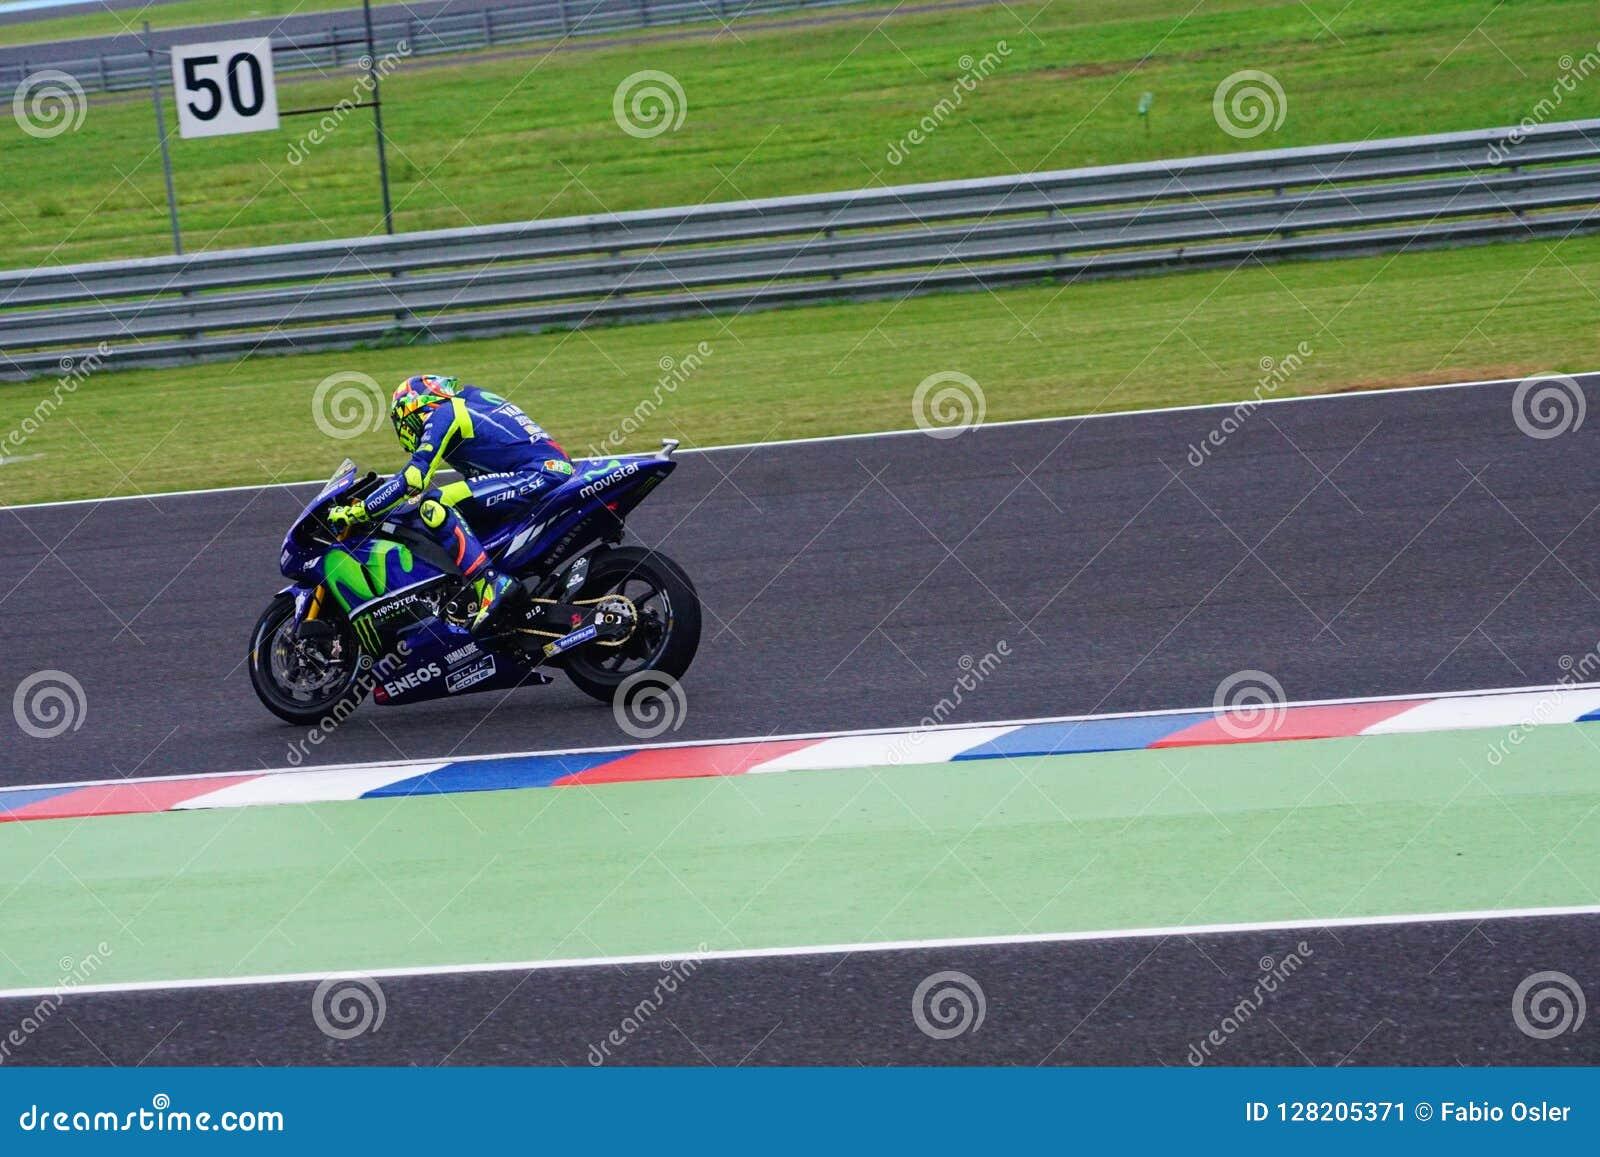 Valentino Rossi, qualifying in Termas de rio Hondo